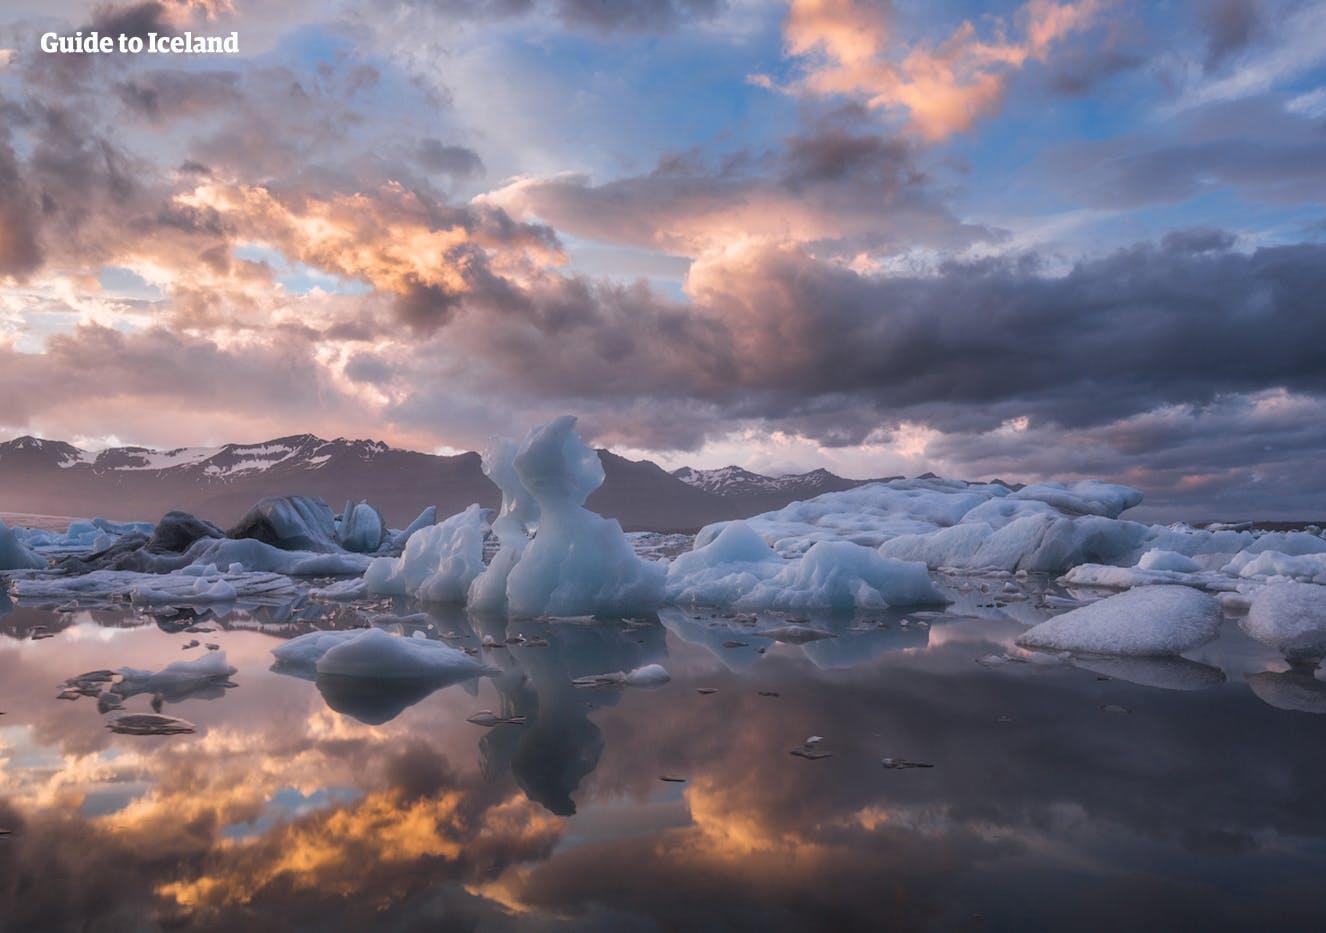 """冰岛南岸的杰古沙龙冰河湖有""""冰岛自然皇冠上的宝石""""之称。"""